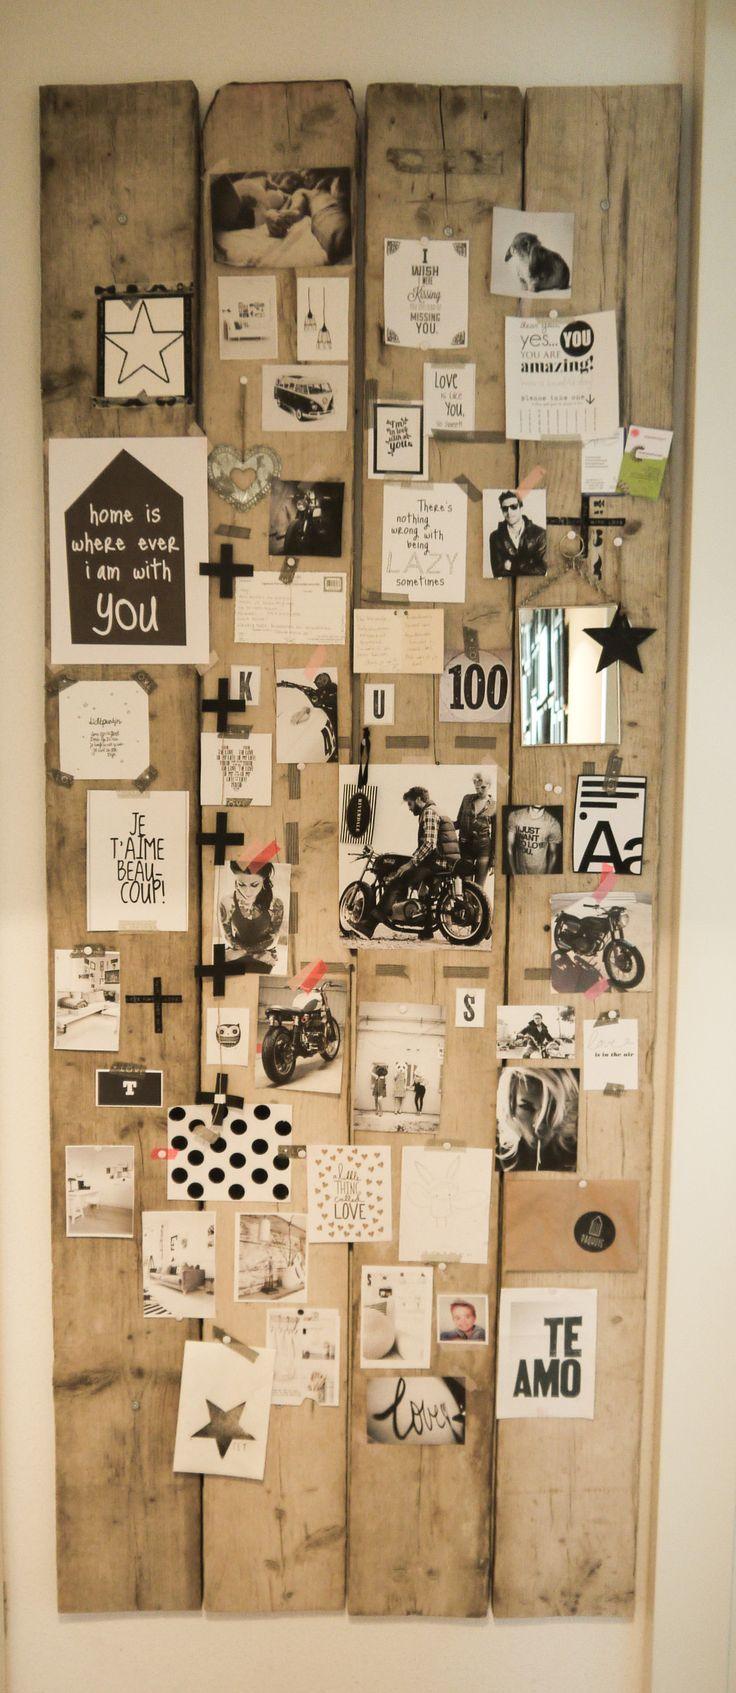 25 beste idee n over tiener muur decor op pinterest tiener kamer organisatie tienerkamer en - Idee deco slaapkamer tiener jongen ...